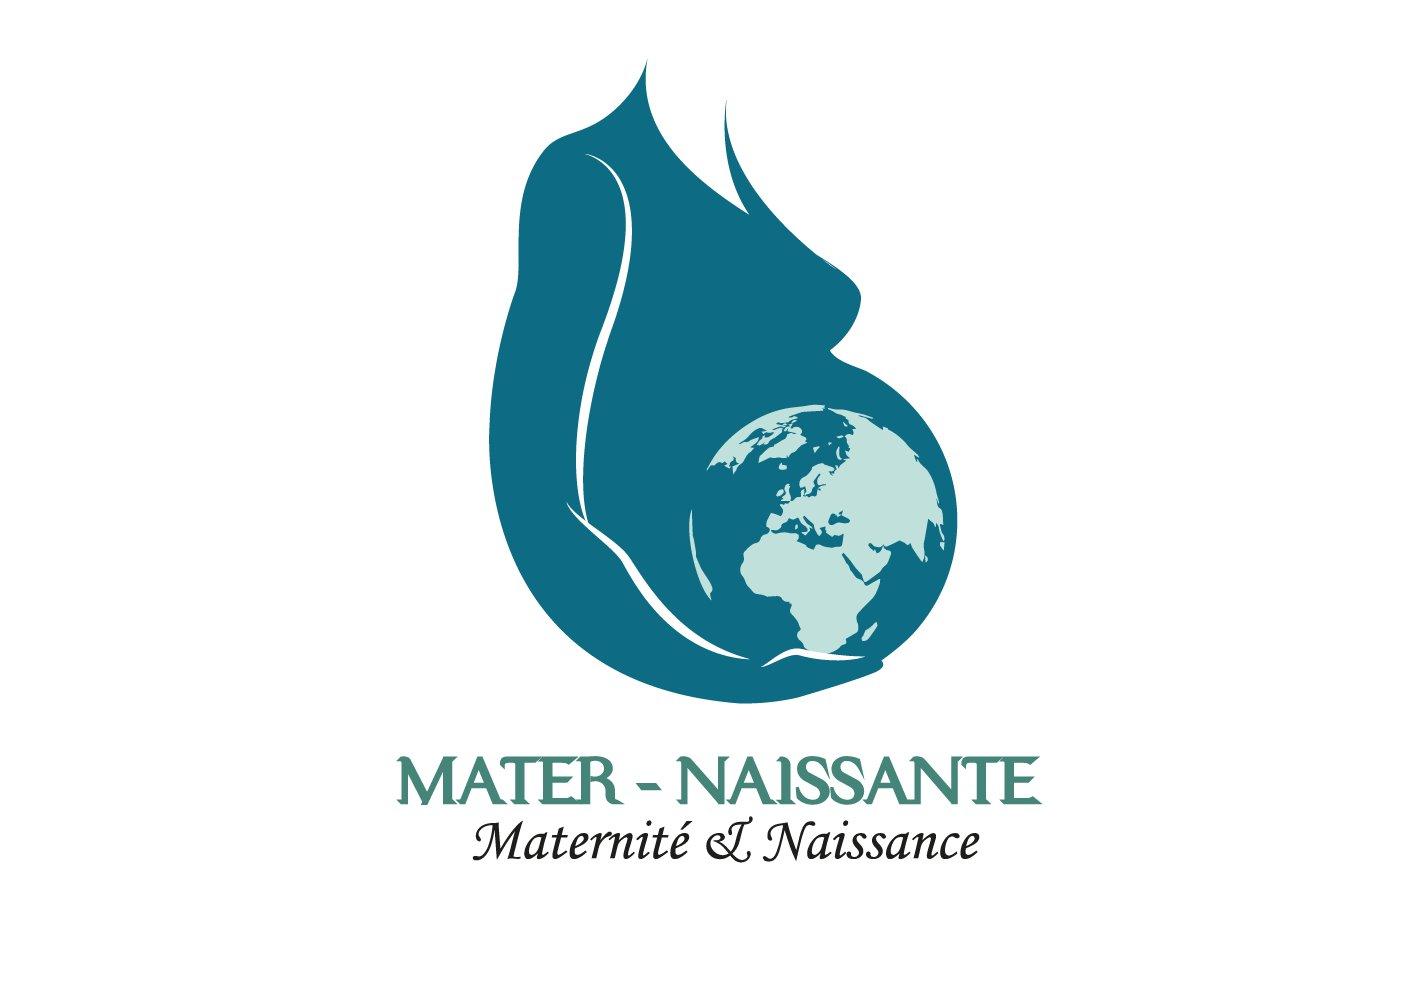 Mater-naissante